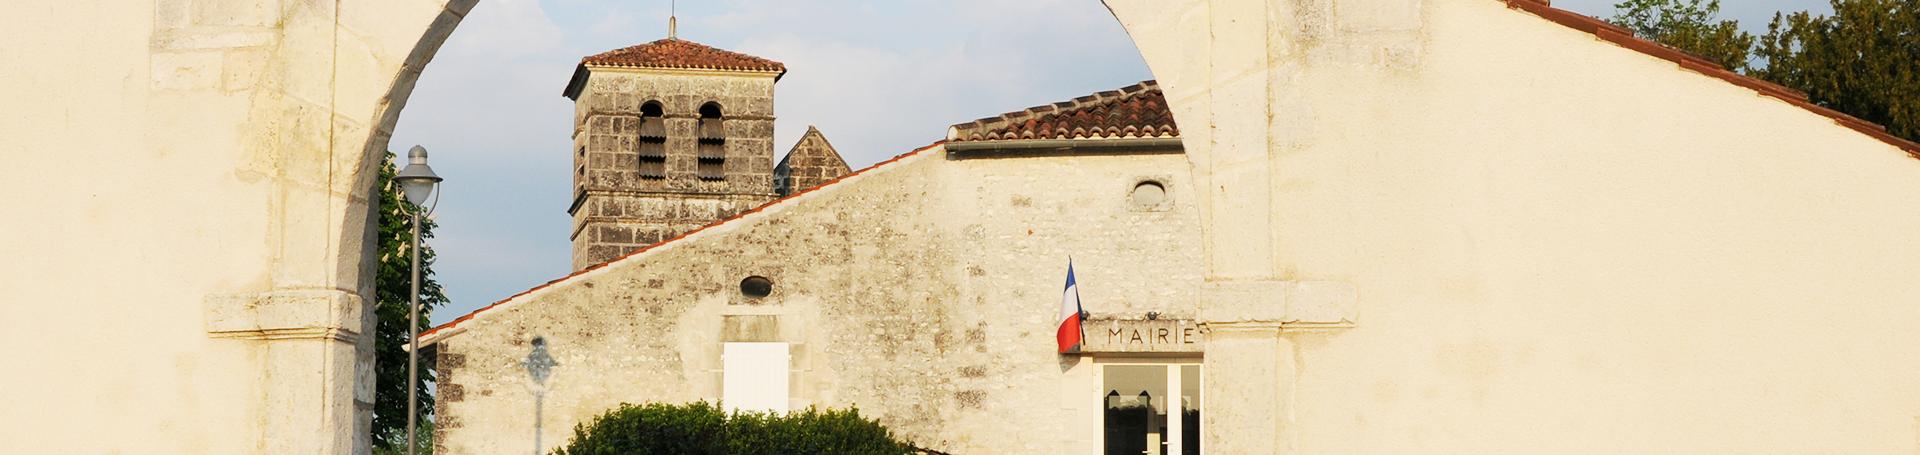 Mairie_Ars_02